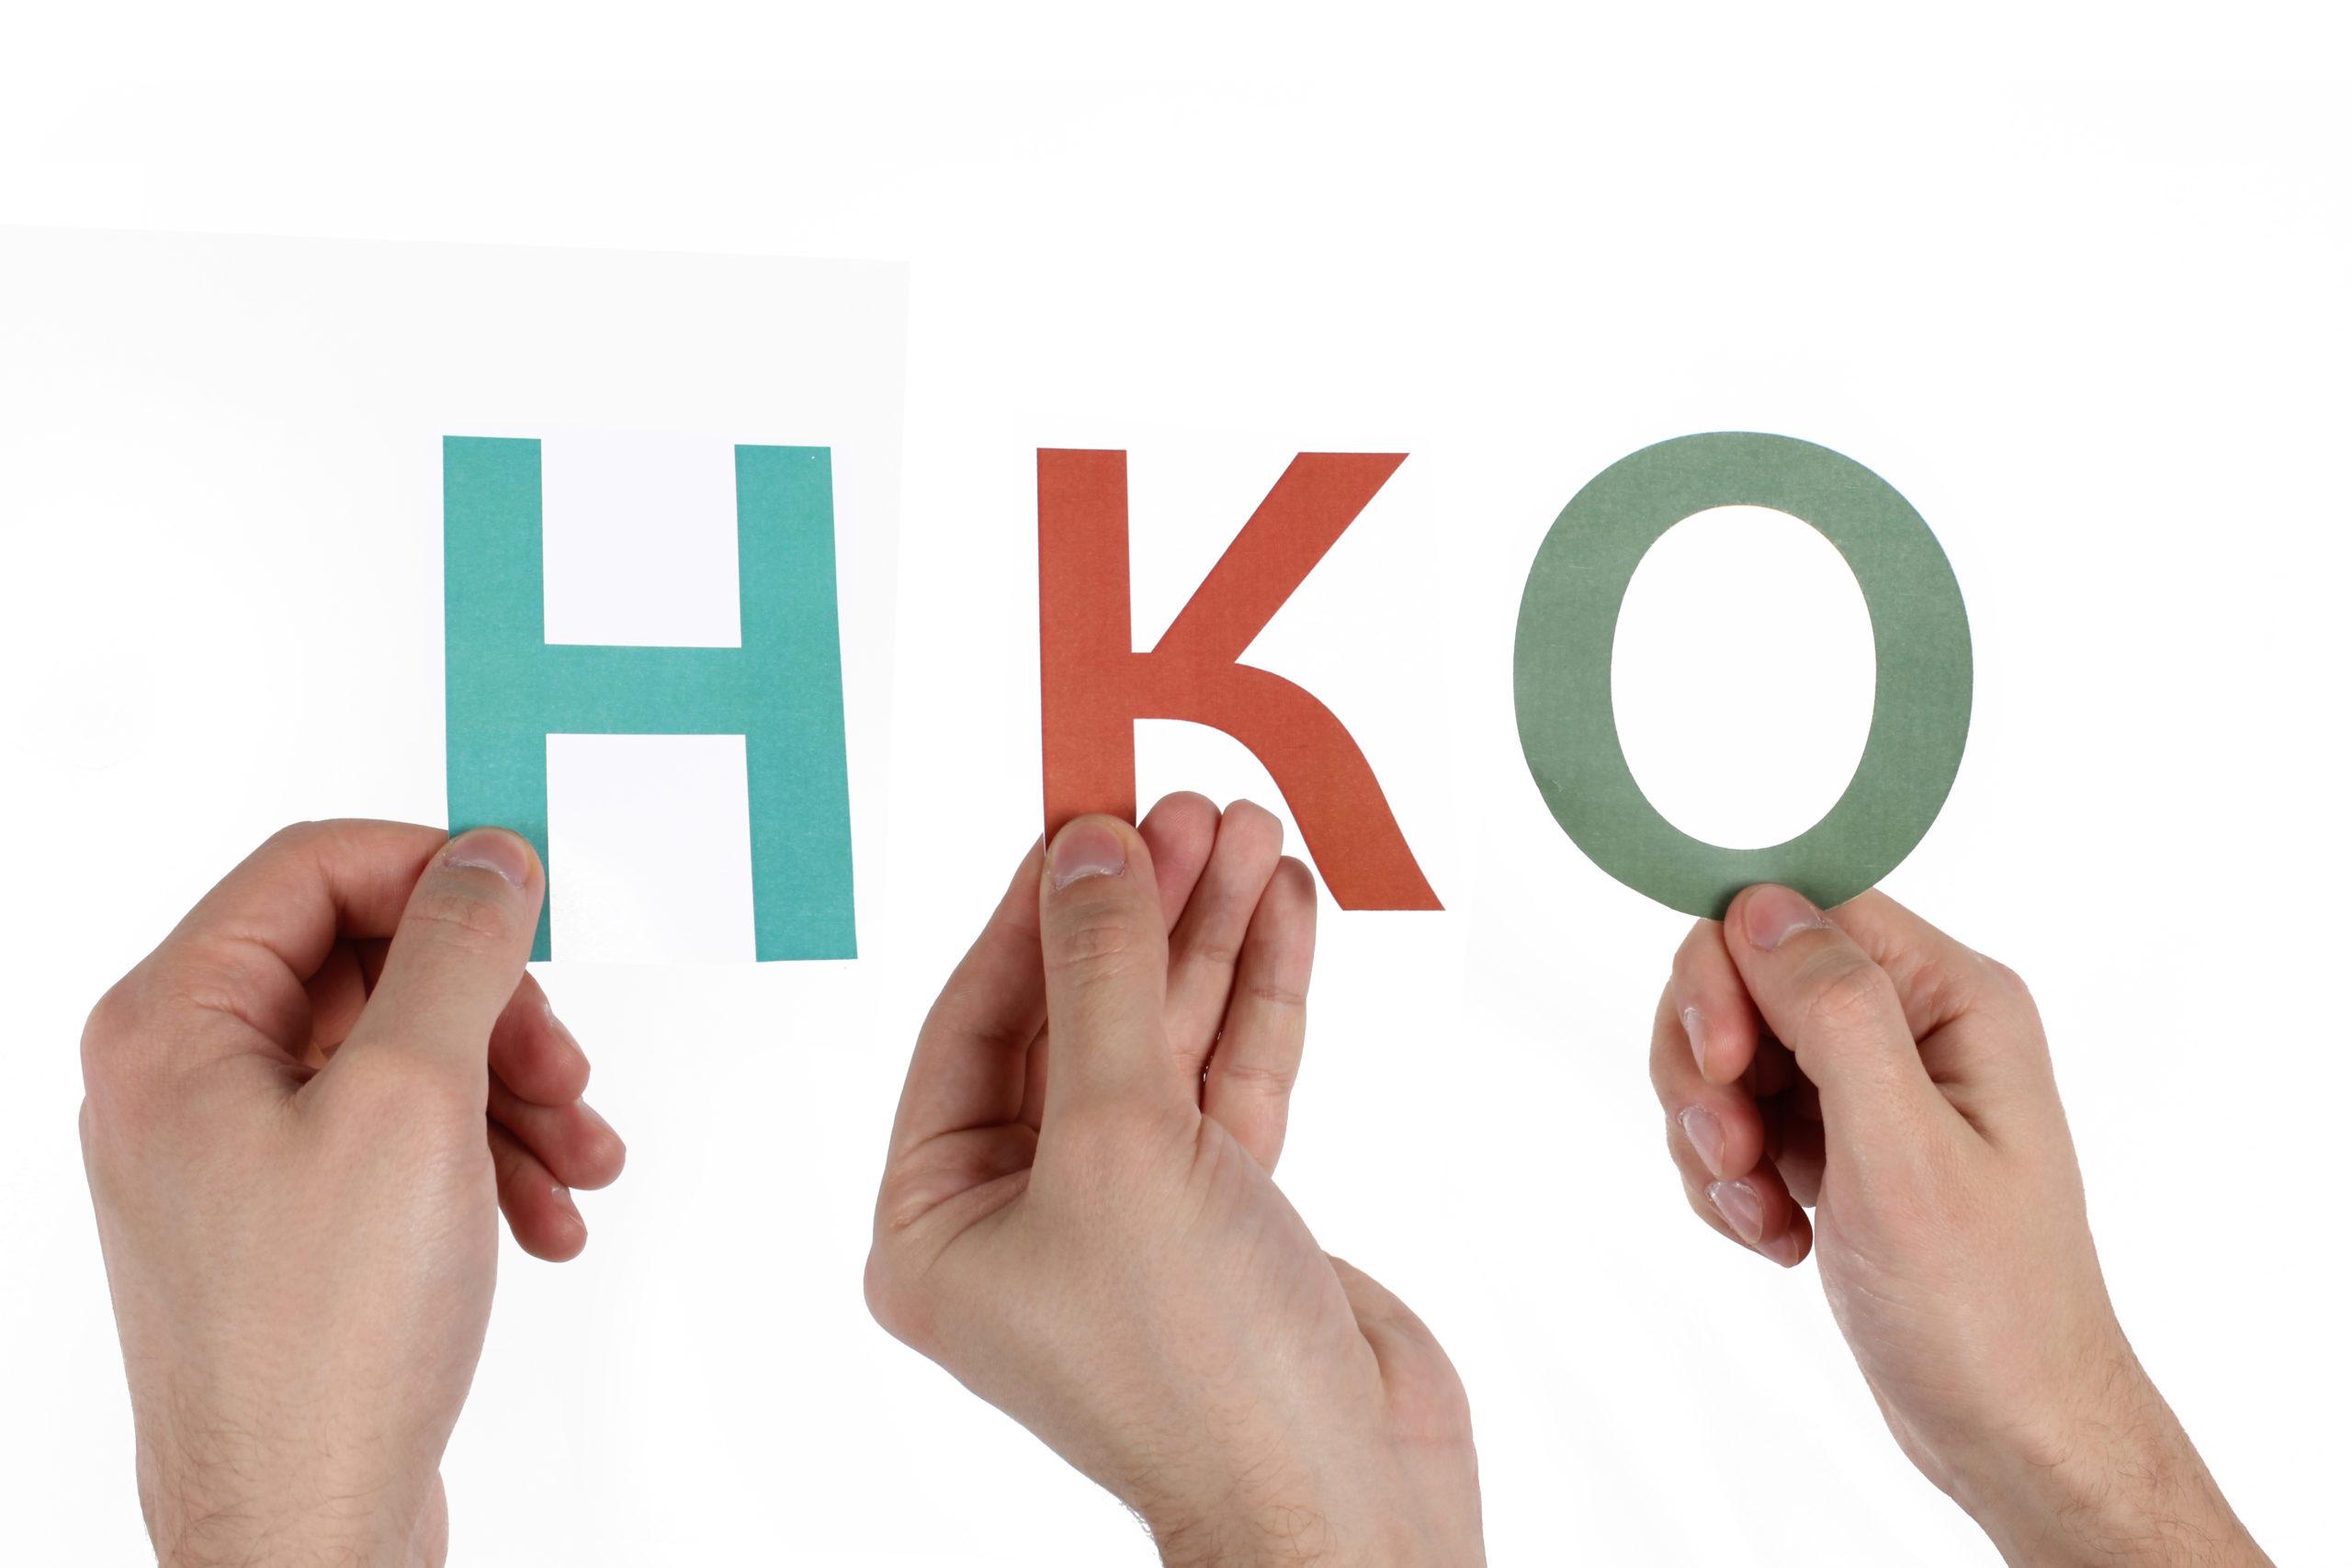 В Тверской области социально ориентированным НКО предоставят гранты на реализацию проектов